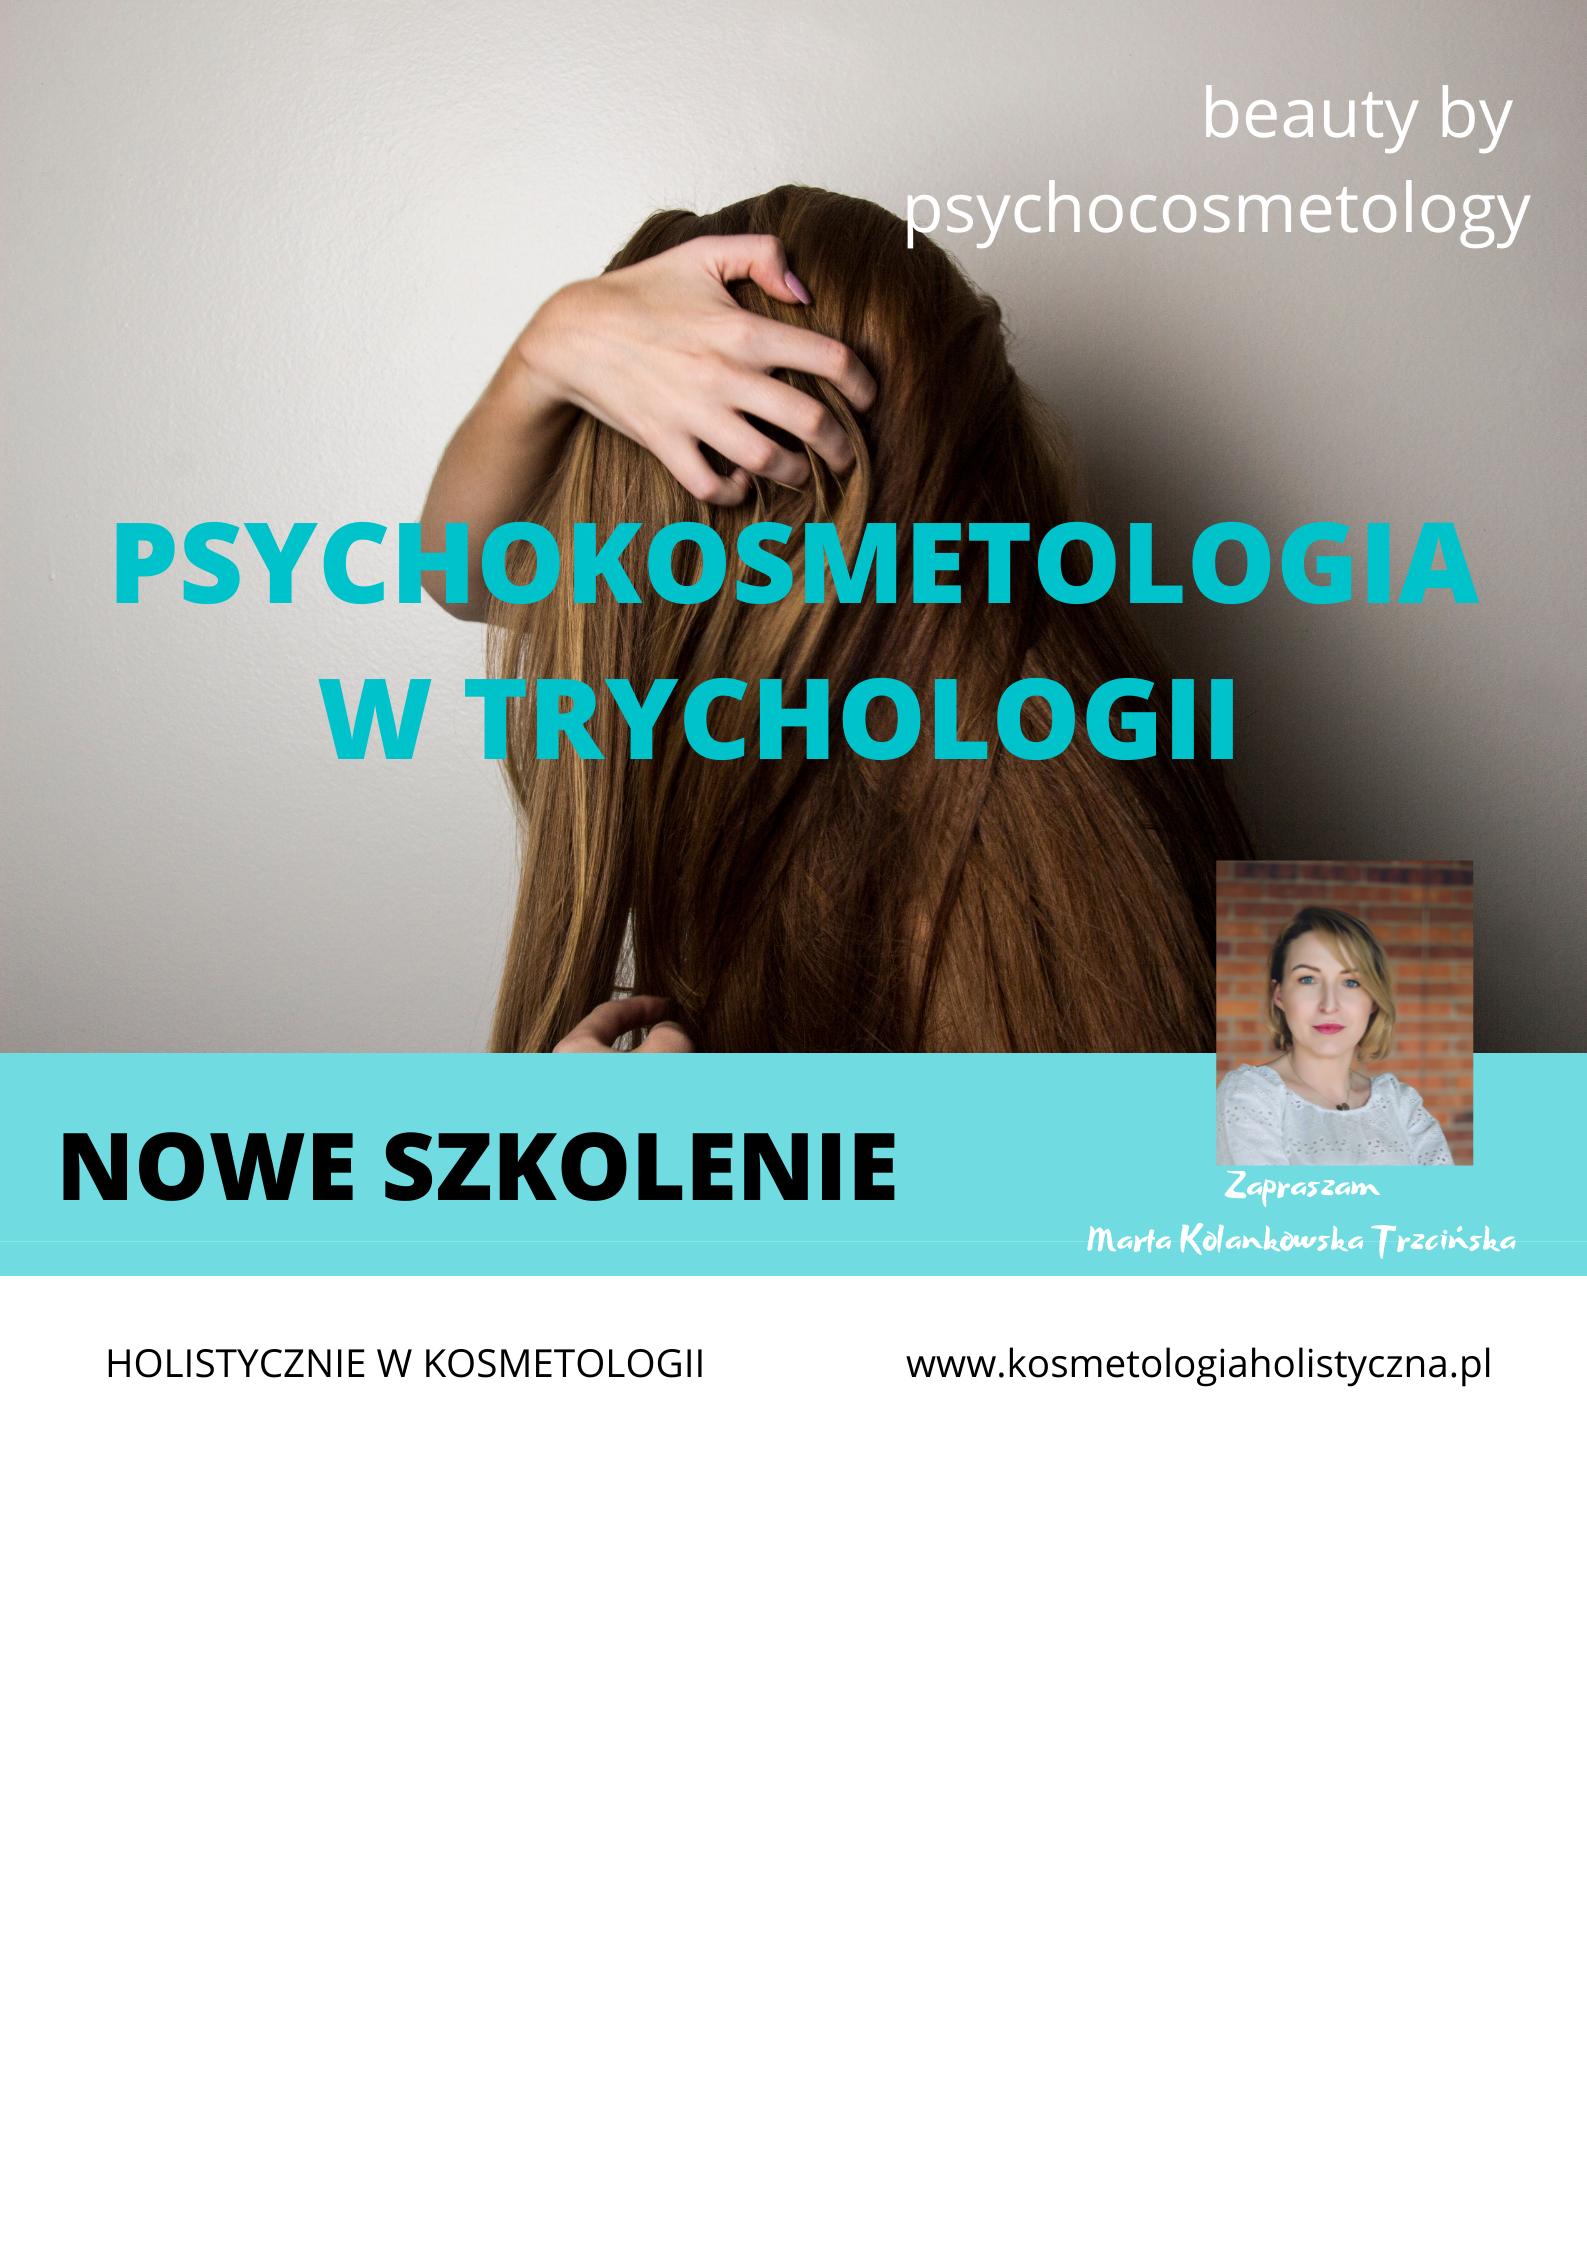 psychokosmetologia w trychologii